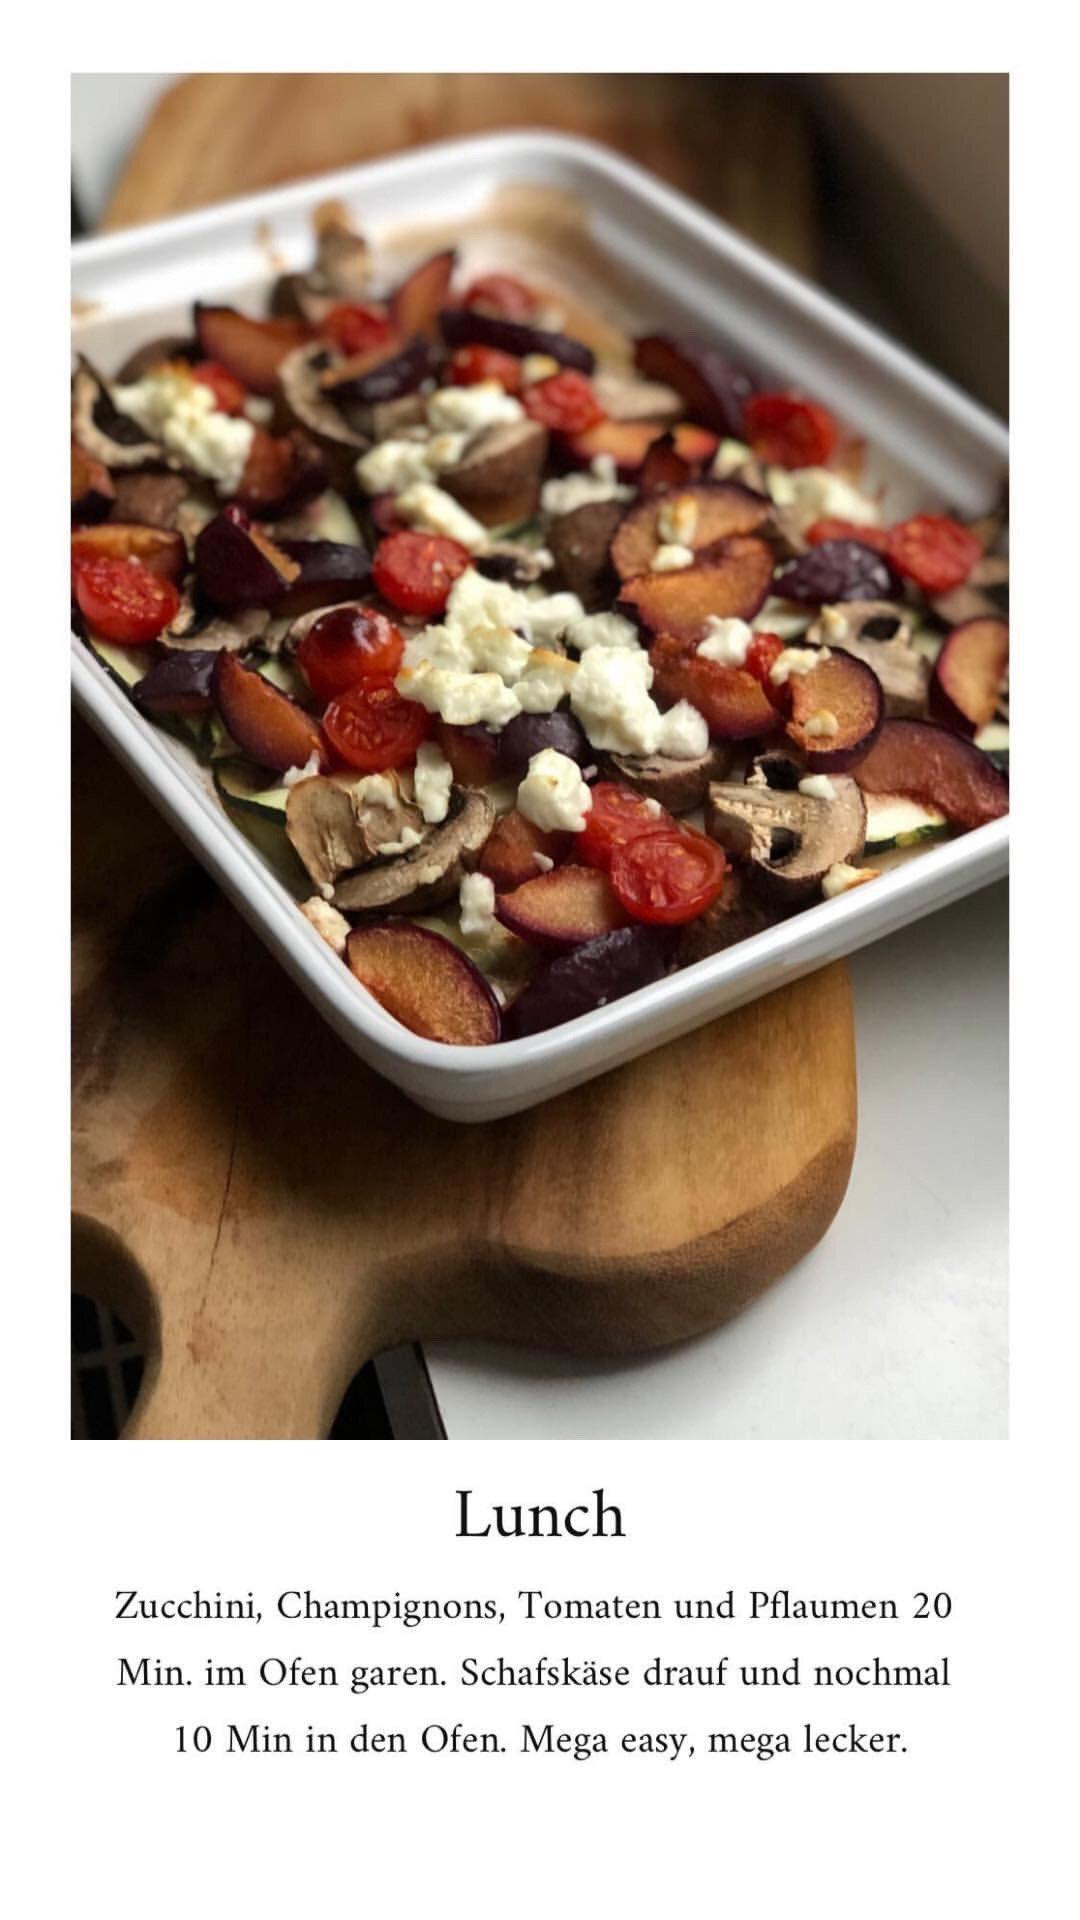 Ernährung - Ayurveda Rezepte - Gemüse aus dem Ofen mit Pflaumen - Mittagessen Bowl - Abendessen -Superfood